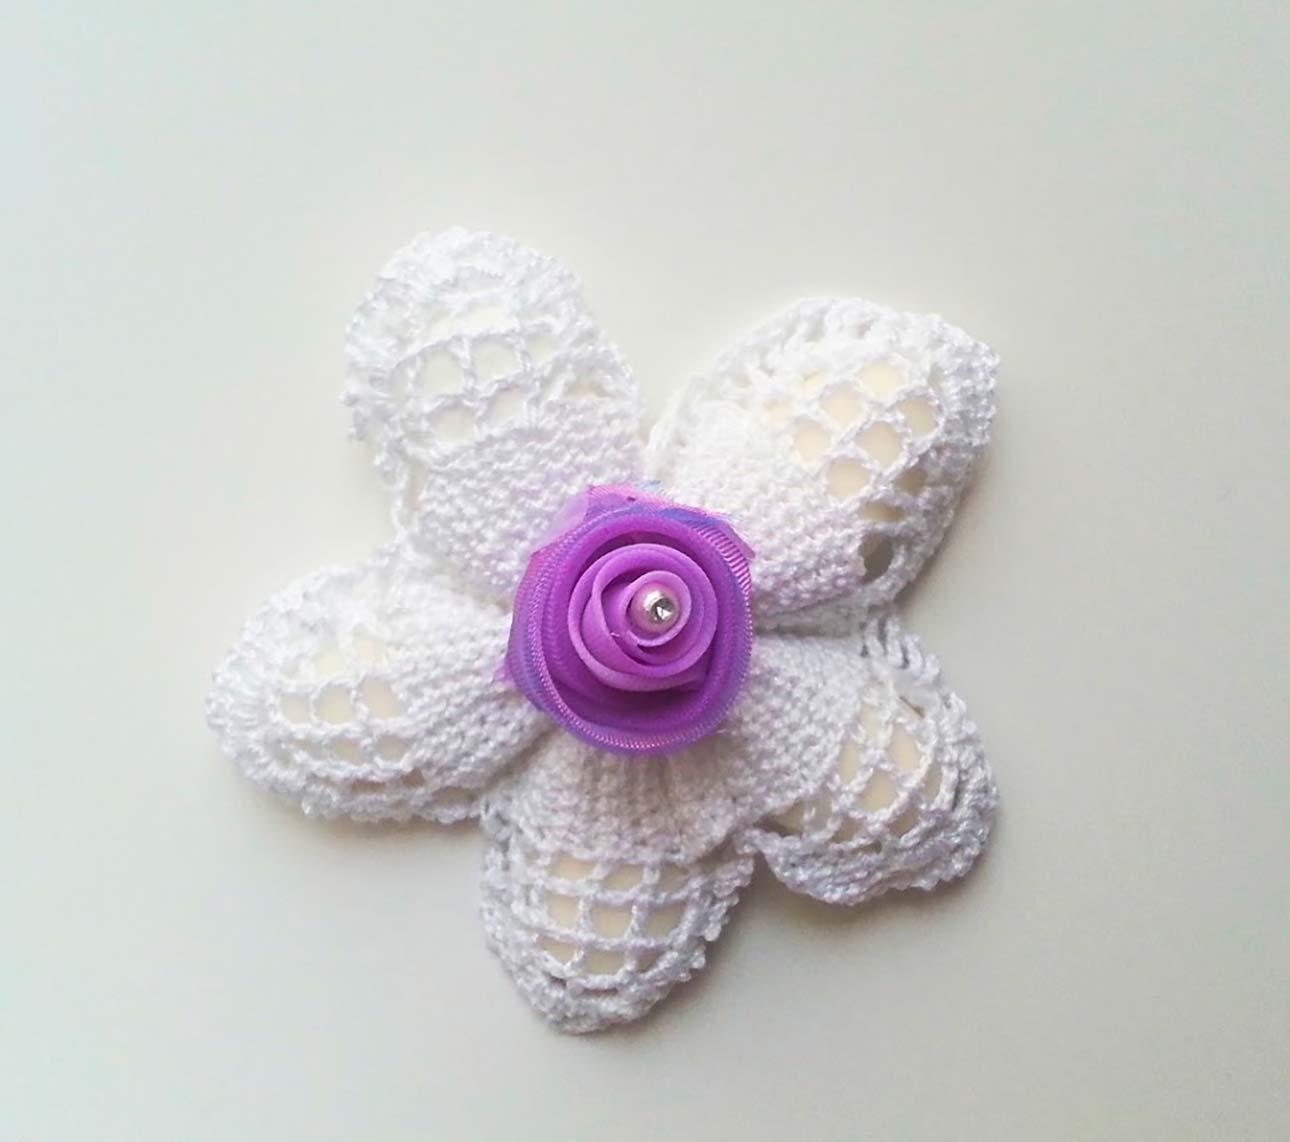 sacchetti uncinetto per bomboniere fiore